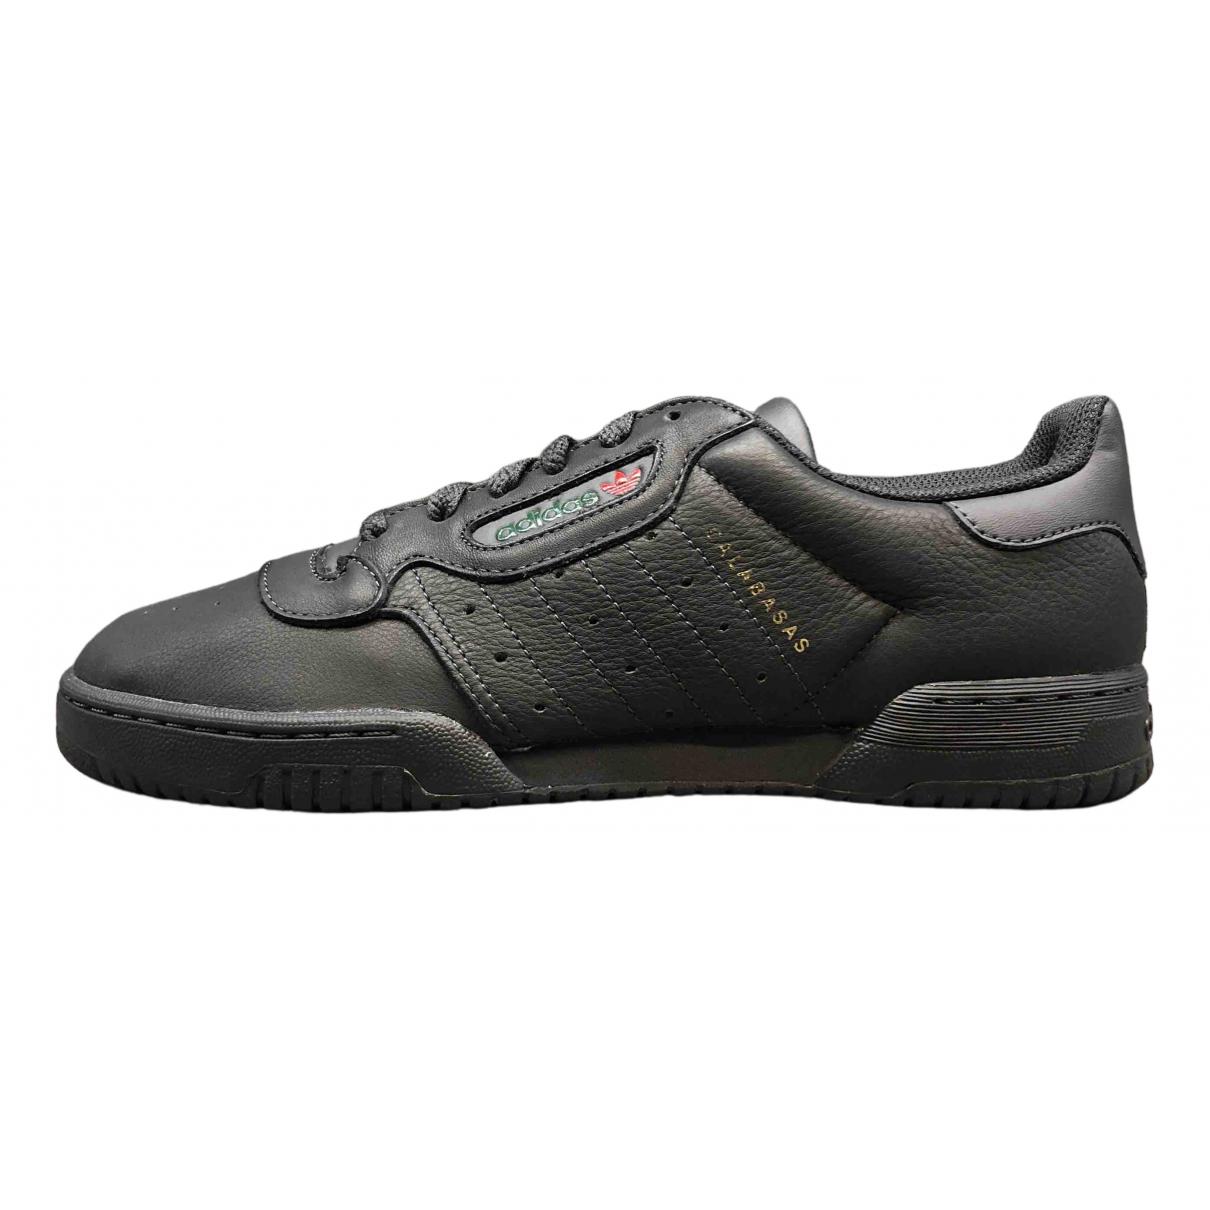 Yeezy X Adidas - Baskets POWERPHASE pour homme en cuir verni - noir